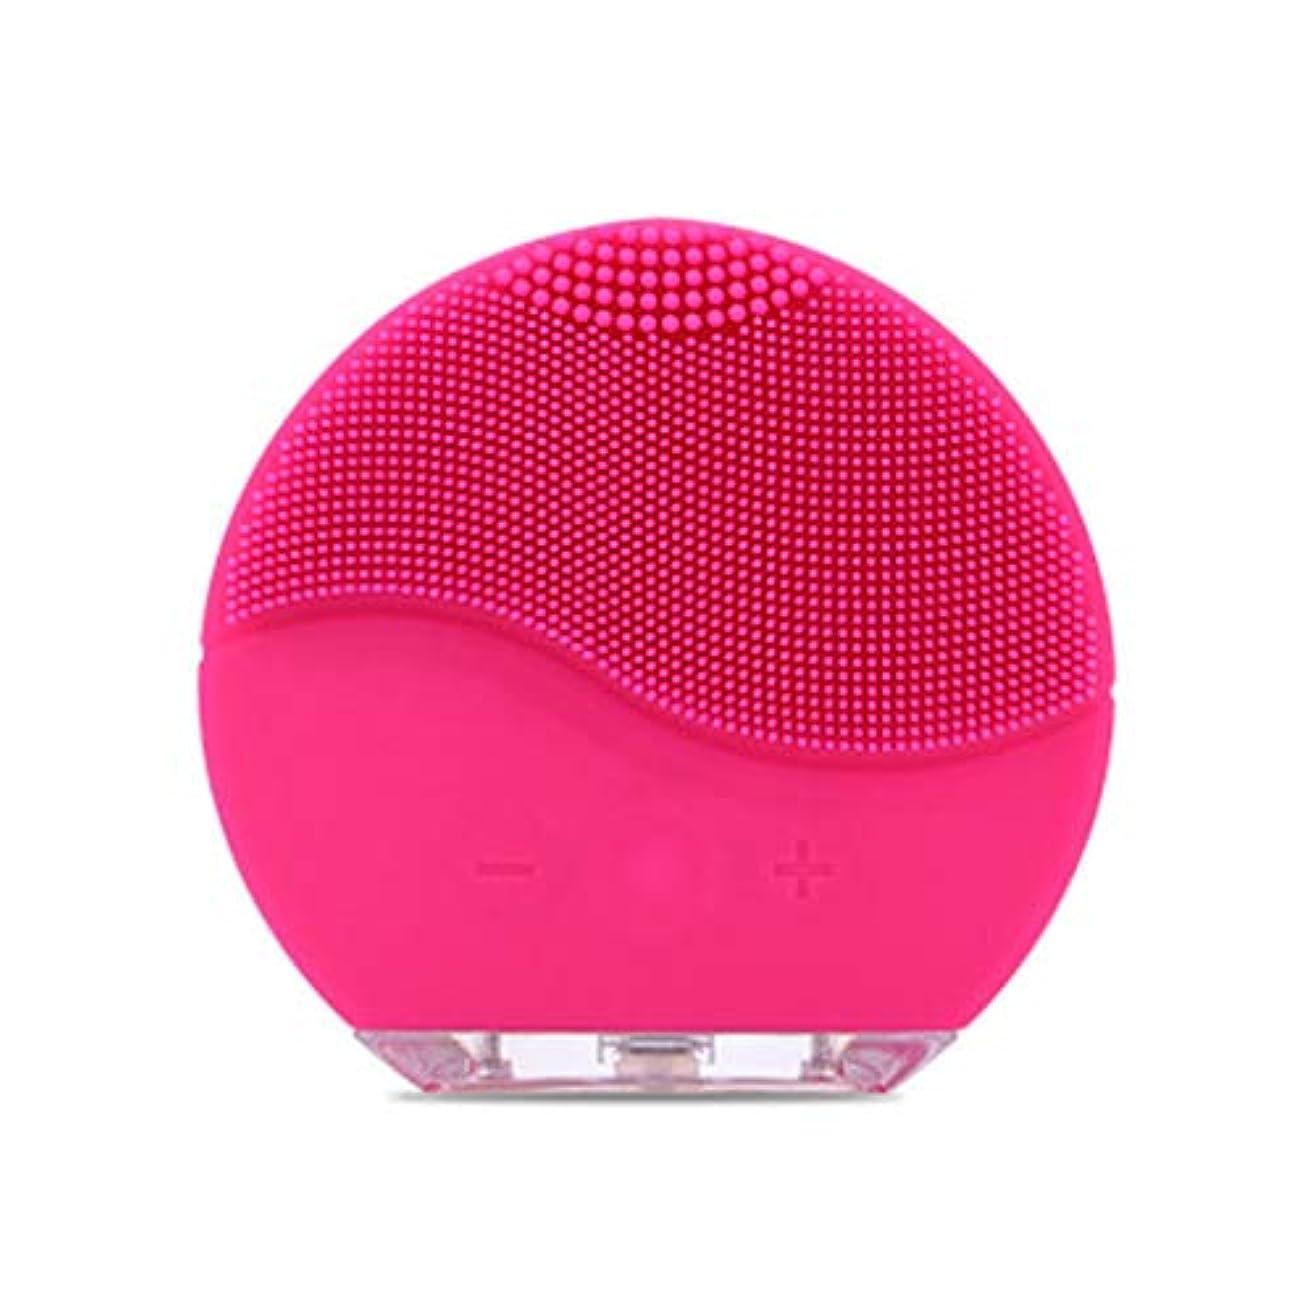 匹敵します一統合するQi フェイシャルクレンザーブラシ、電気フェイシャルミニシリコン防水超音波ポアクリーンインストゥルメントフェイススキンケアスパマッサージャー GQ (色 : A)